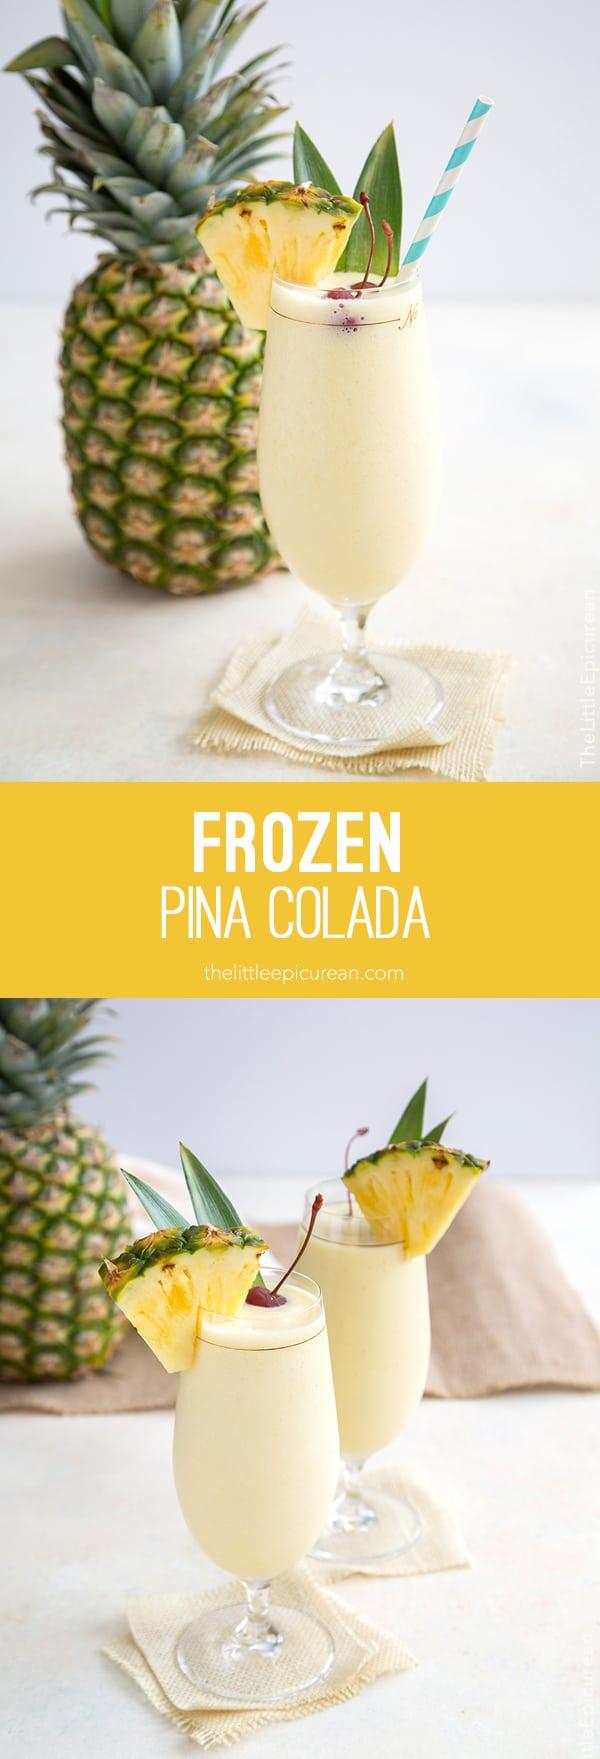 Frozen Pina Colada